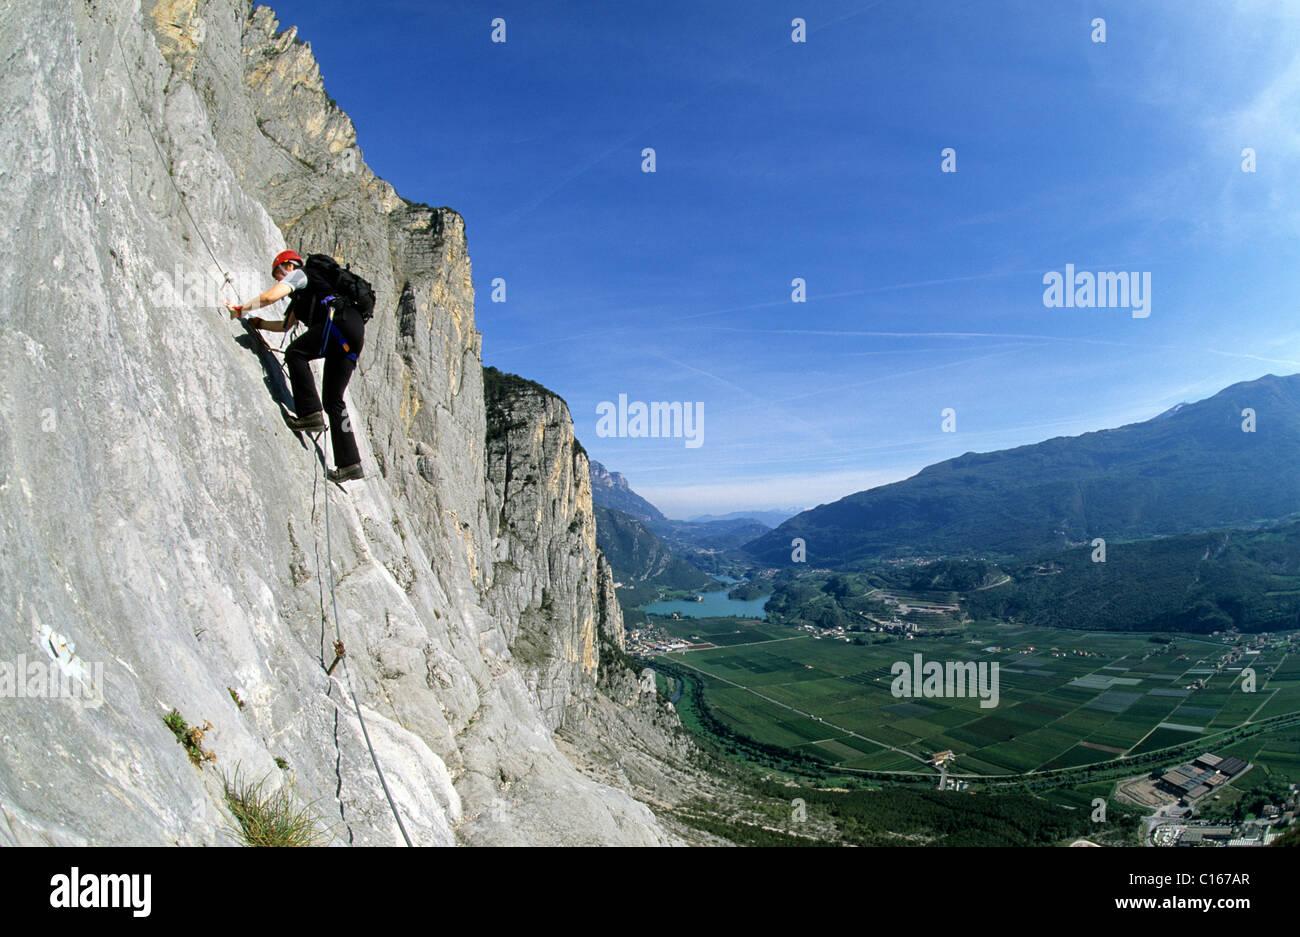 Klettersteig Englisch : Frau klettern den klettersteig che guevara sarche trentino